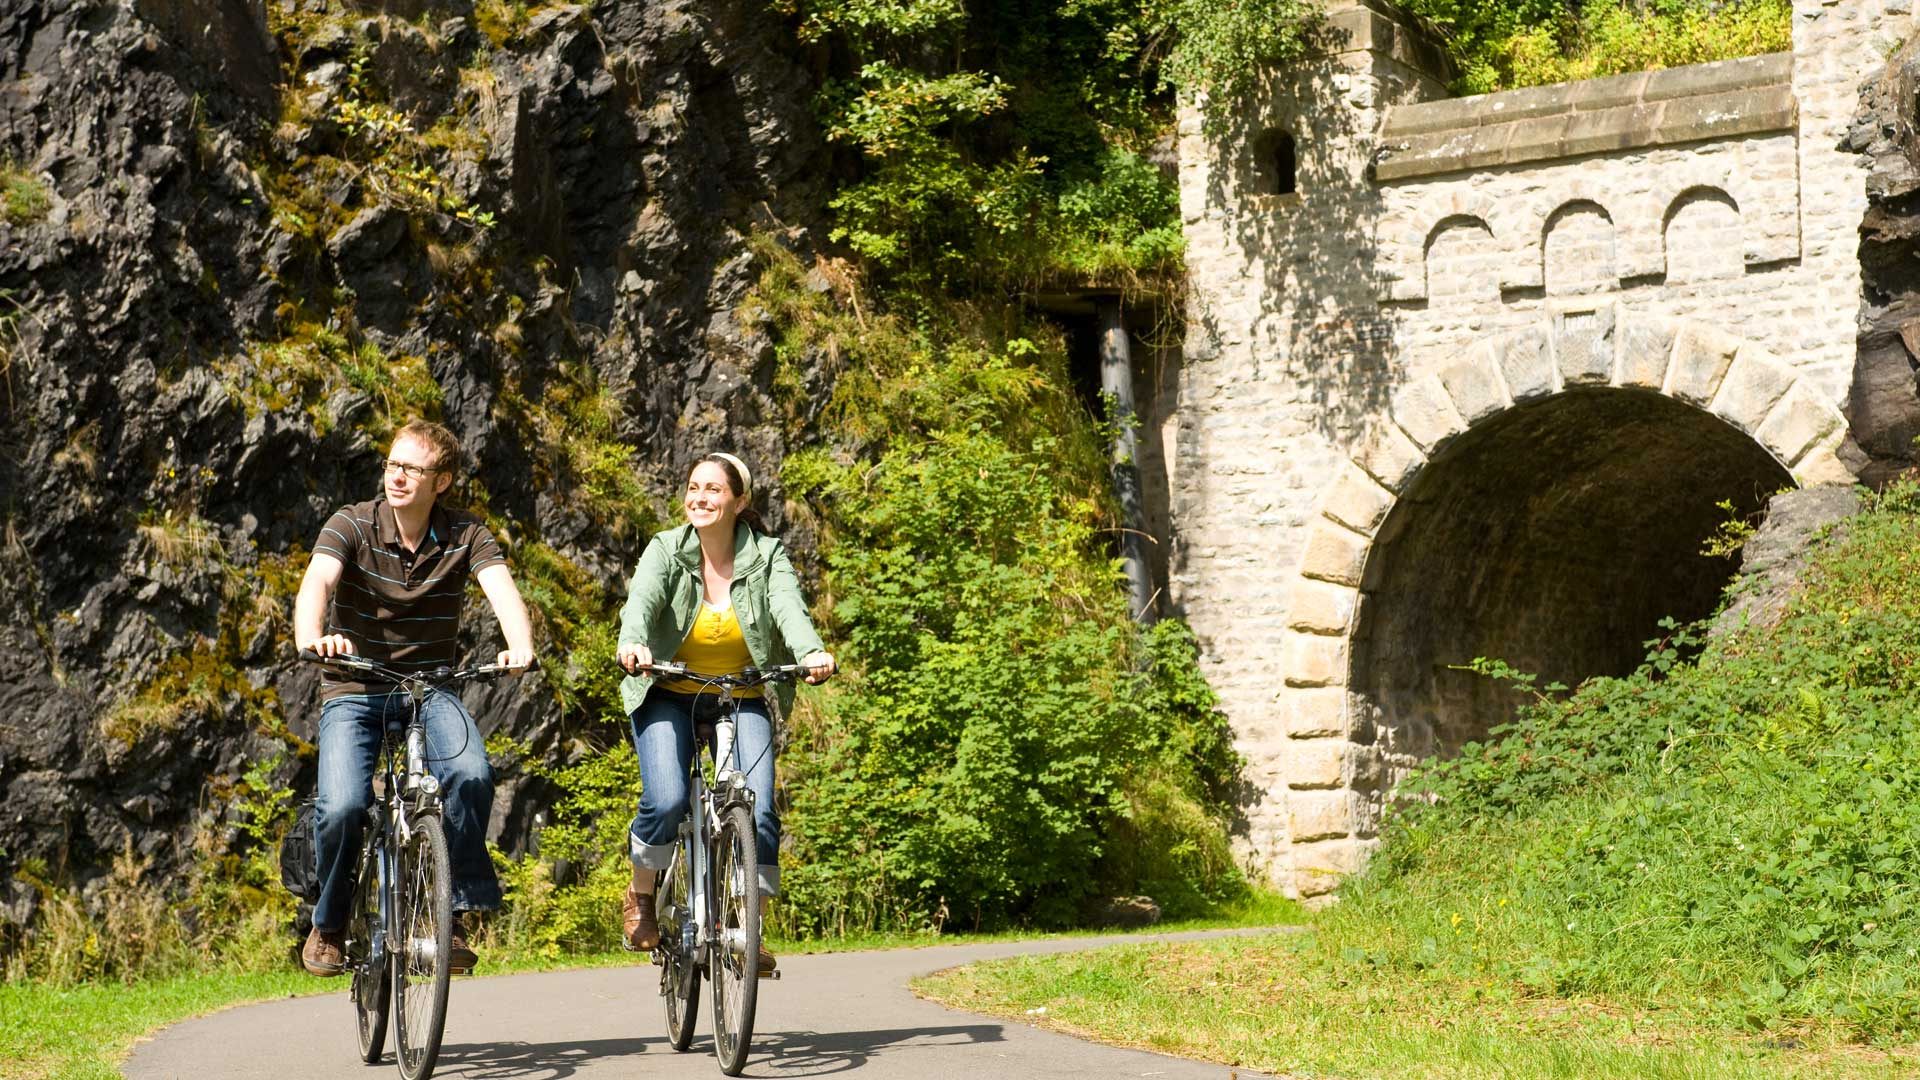 In de Eifel fiets je soms heel gemoedelijk over stilgelegde spoorlijnen